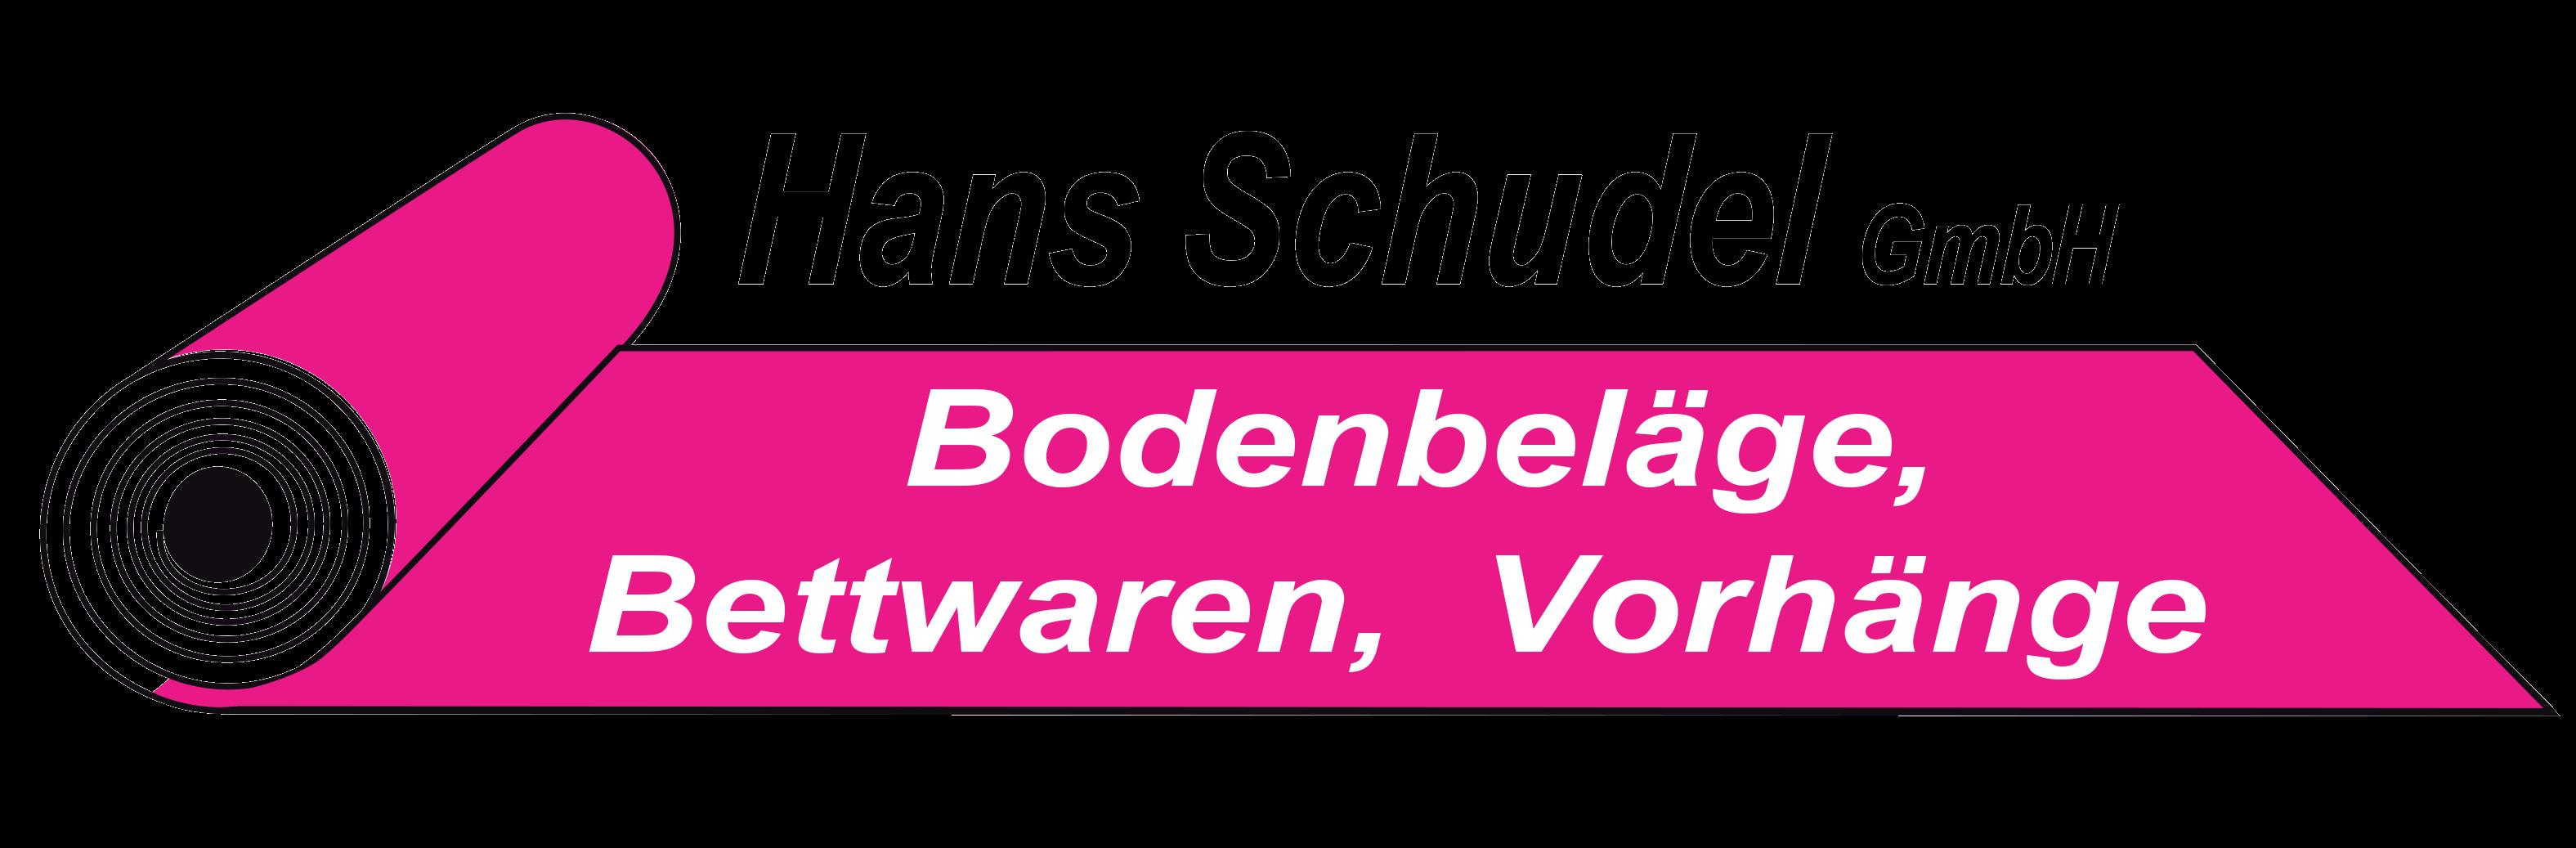 Schudel Hans GmbH